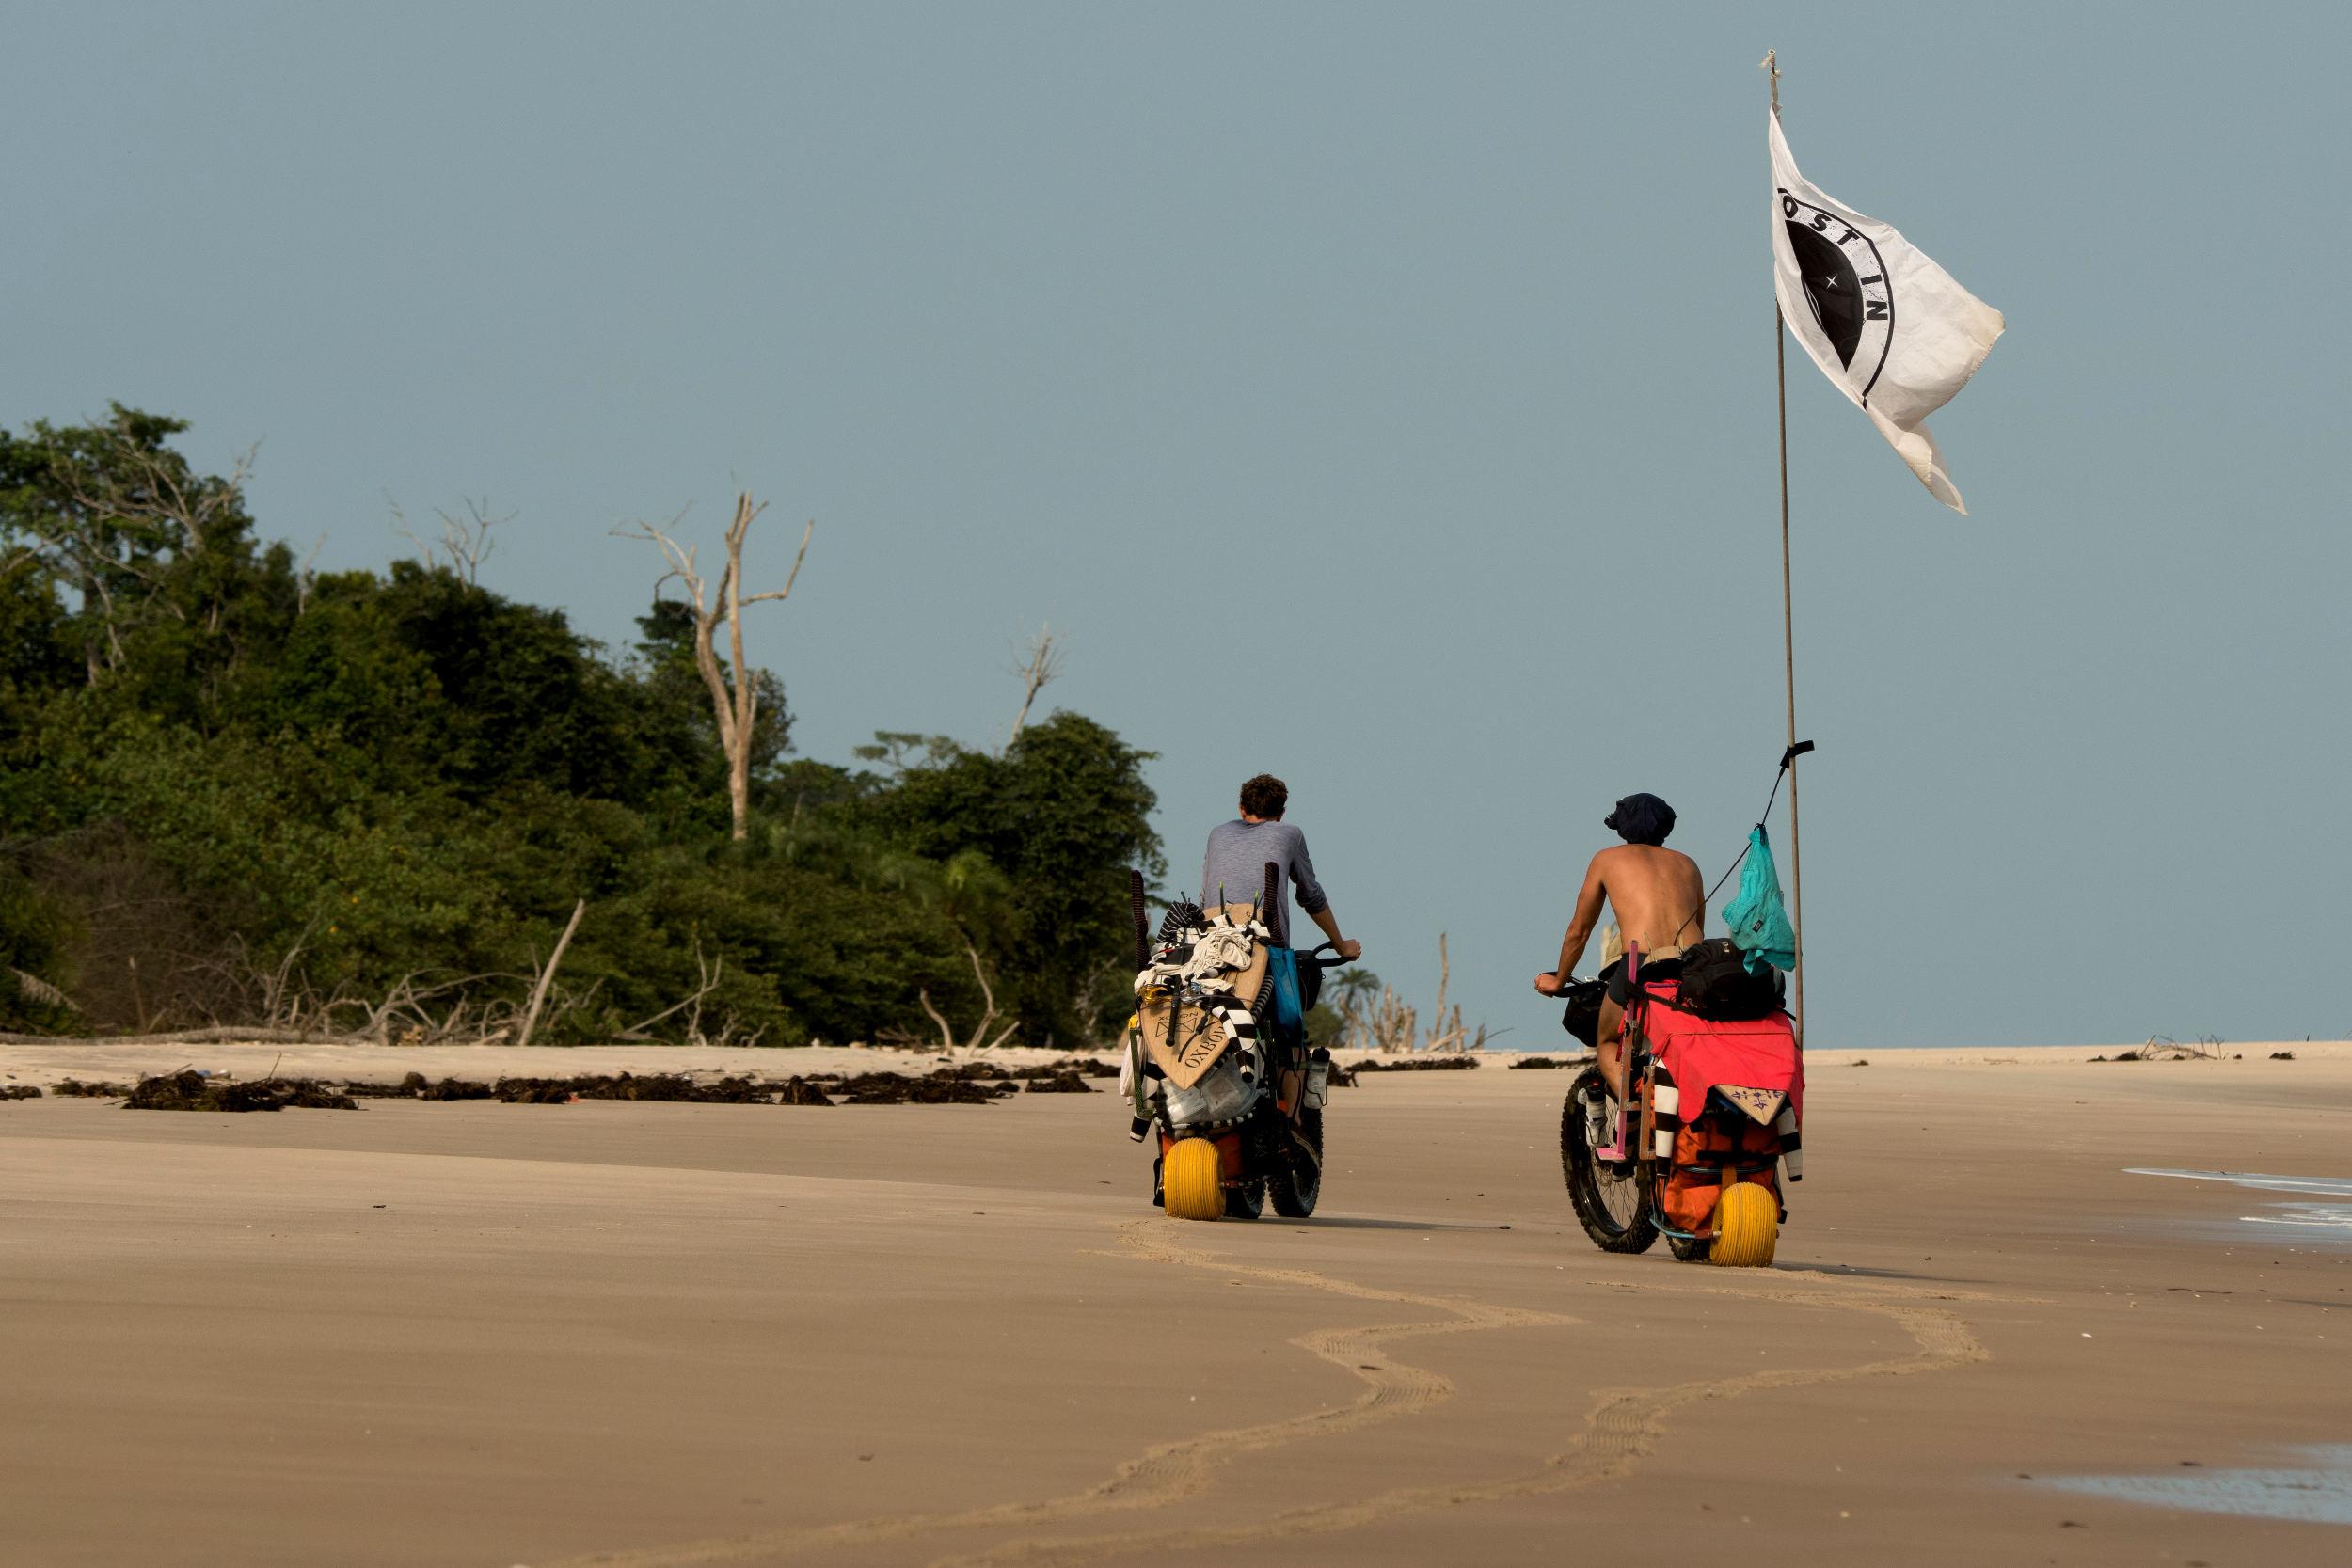 """""""Es war krass, wie hart die Biketouren waren. Teilweise fehlte uns die Kraft zum Surfen"""", lautete die Einschätzung nach der Tour."""